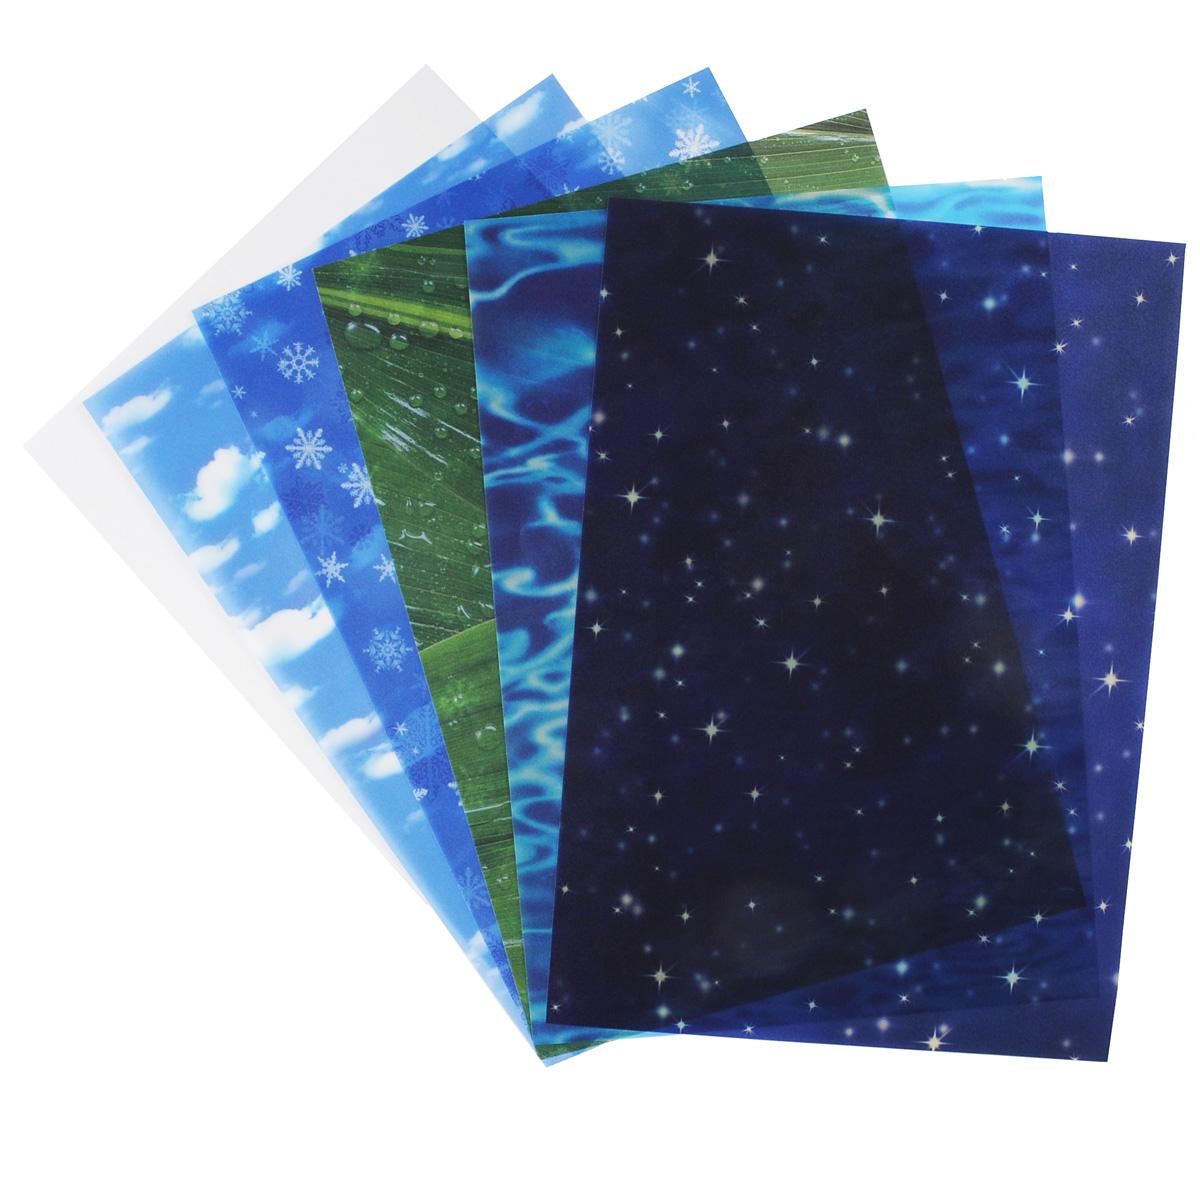 Транспарентная бумага Folia Элементы природы, 23 x 33 см, 5 листов7708092Транспарентная бумага Folia Элементы природы - полупрозрачная бумага с изображениями элементов природы: вода, снег, воздух и др. Используется для изготовления открыток, для скрапбукинга и других декоративных или дизайнерских работ. Бумага прекрасно держит форму, не пачкает руки, отлично крепится. Конструирование из транспарентной бумаги - необходимый для развития детей процесс. Во время занятия аппликацией ребенок сумеет разработать четкость движений, ловкость пальцев, аккуратность и внимательность. Кроме того, транспарентная бумага позволит разнообразить идеи ребенка при создании творческих работ.